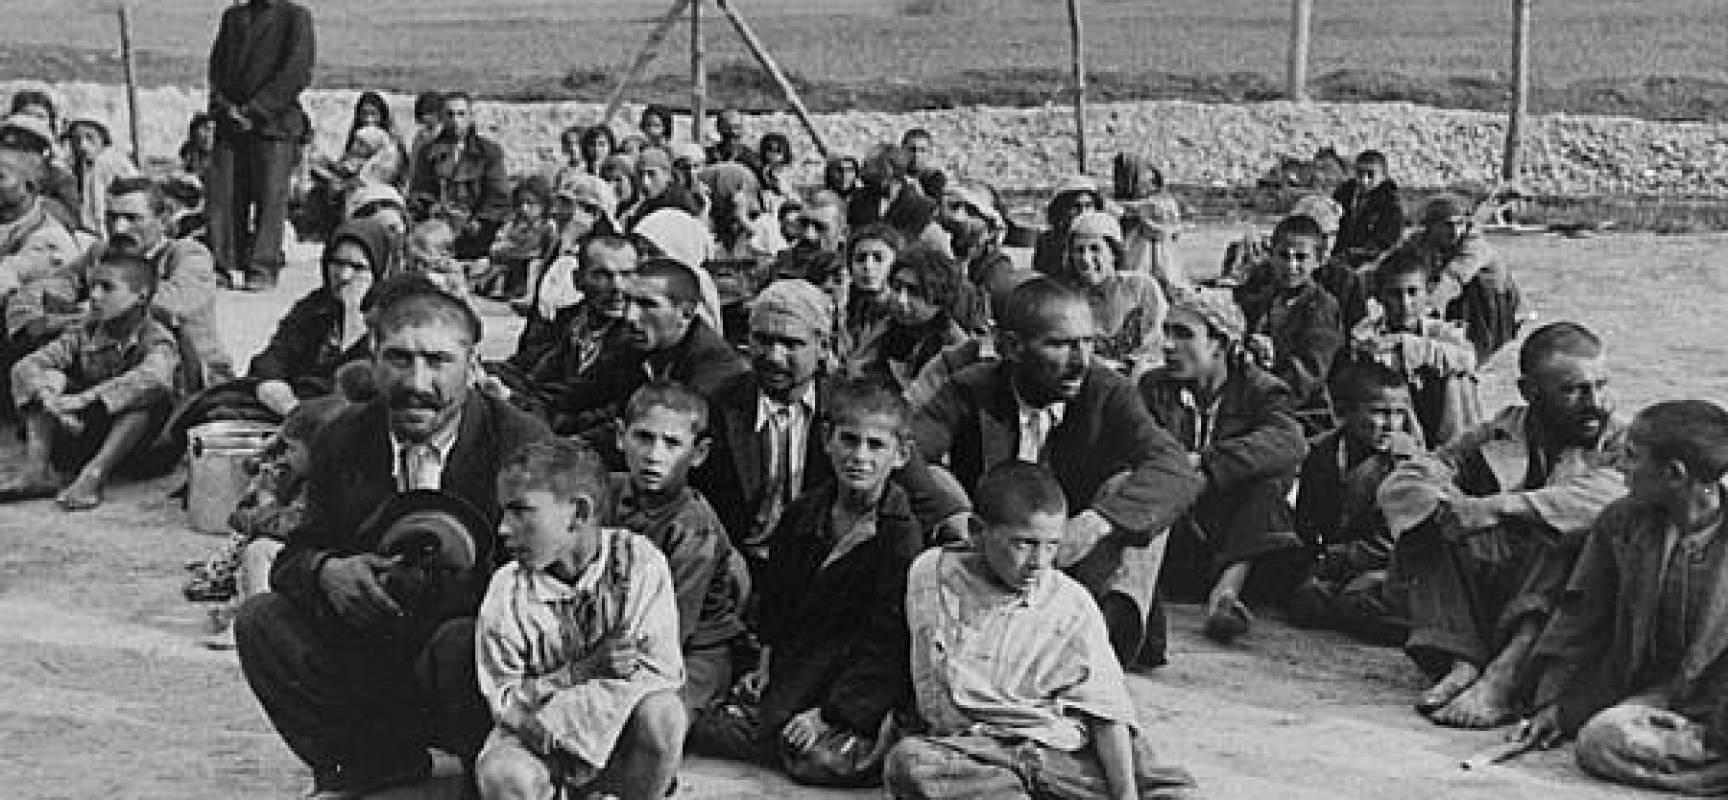 Accadde oggi, 16 Maggio: 1944, i deportati Sinti e Rom ad Auschwitz danno vita ad un'eroica insurrezione!